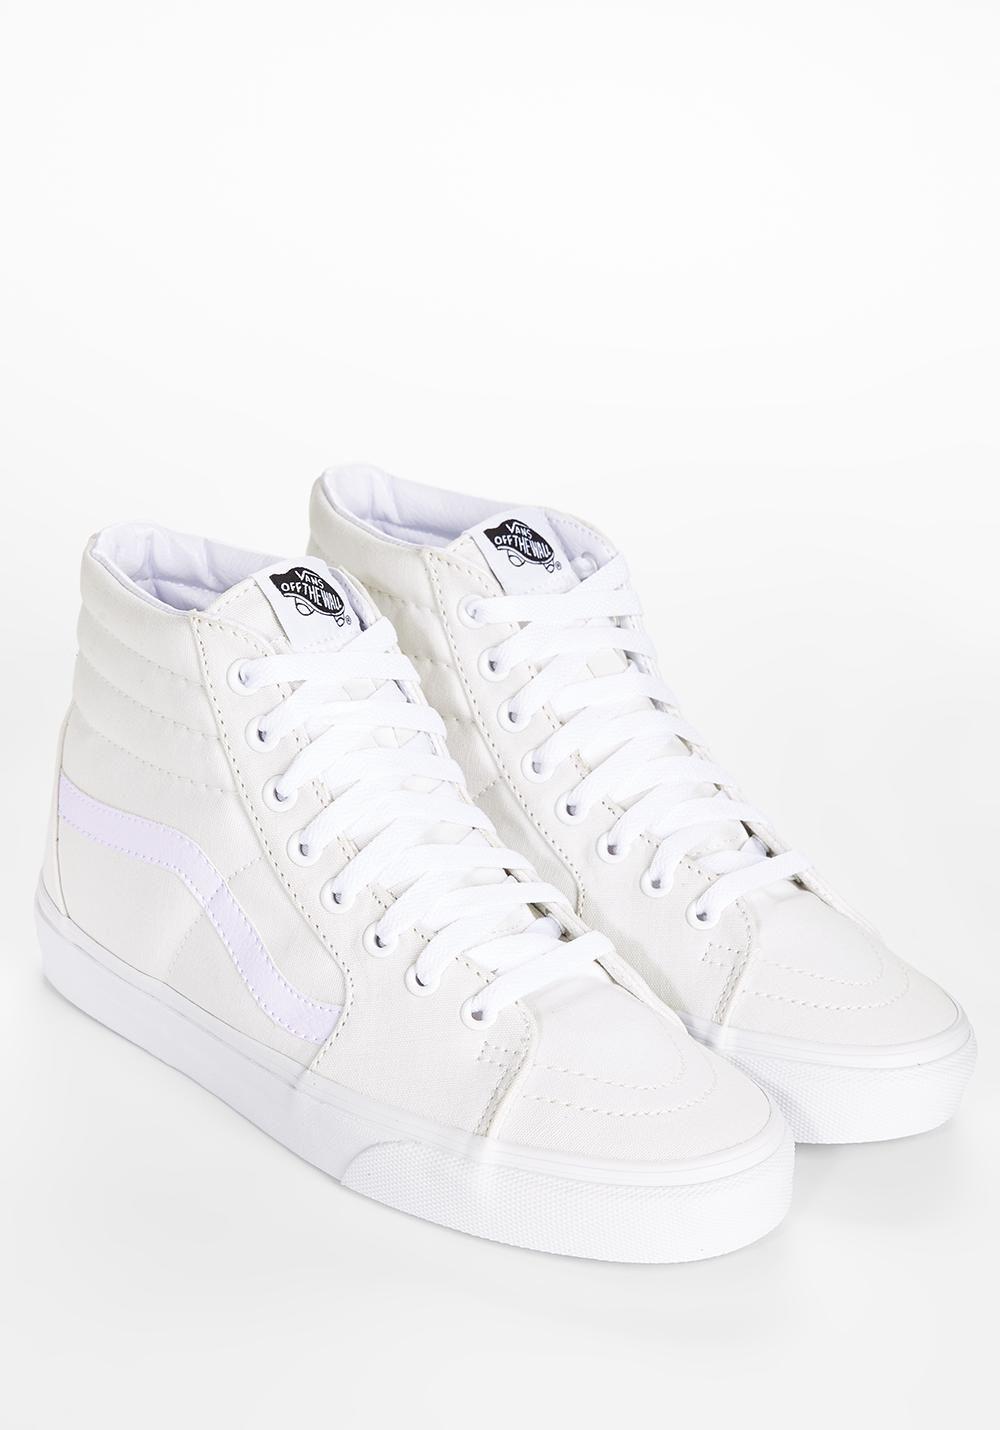 VansSK8 Hi whitewhite   Schuhe online shop, Schuhe online